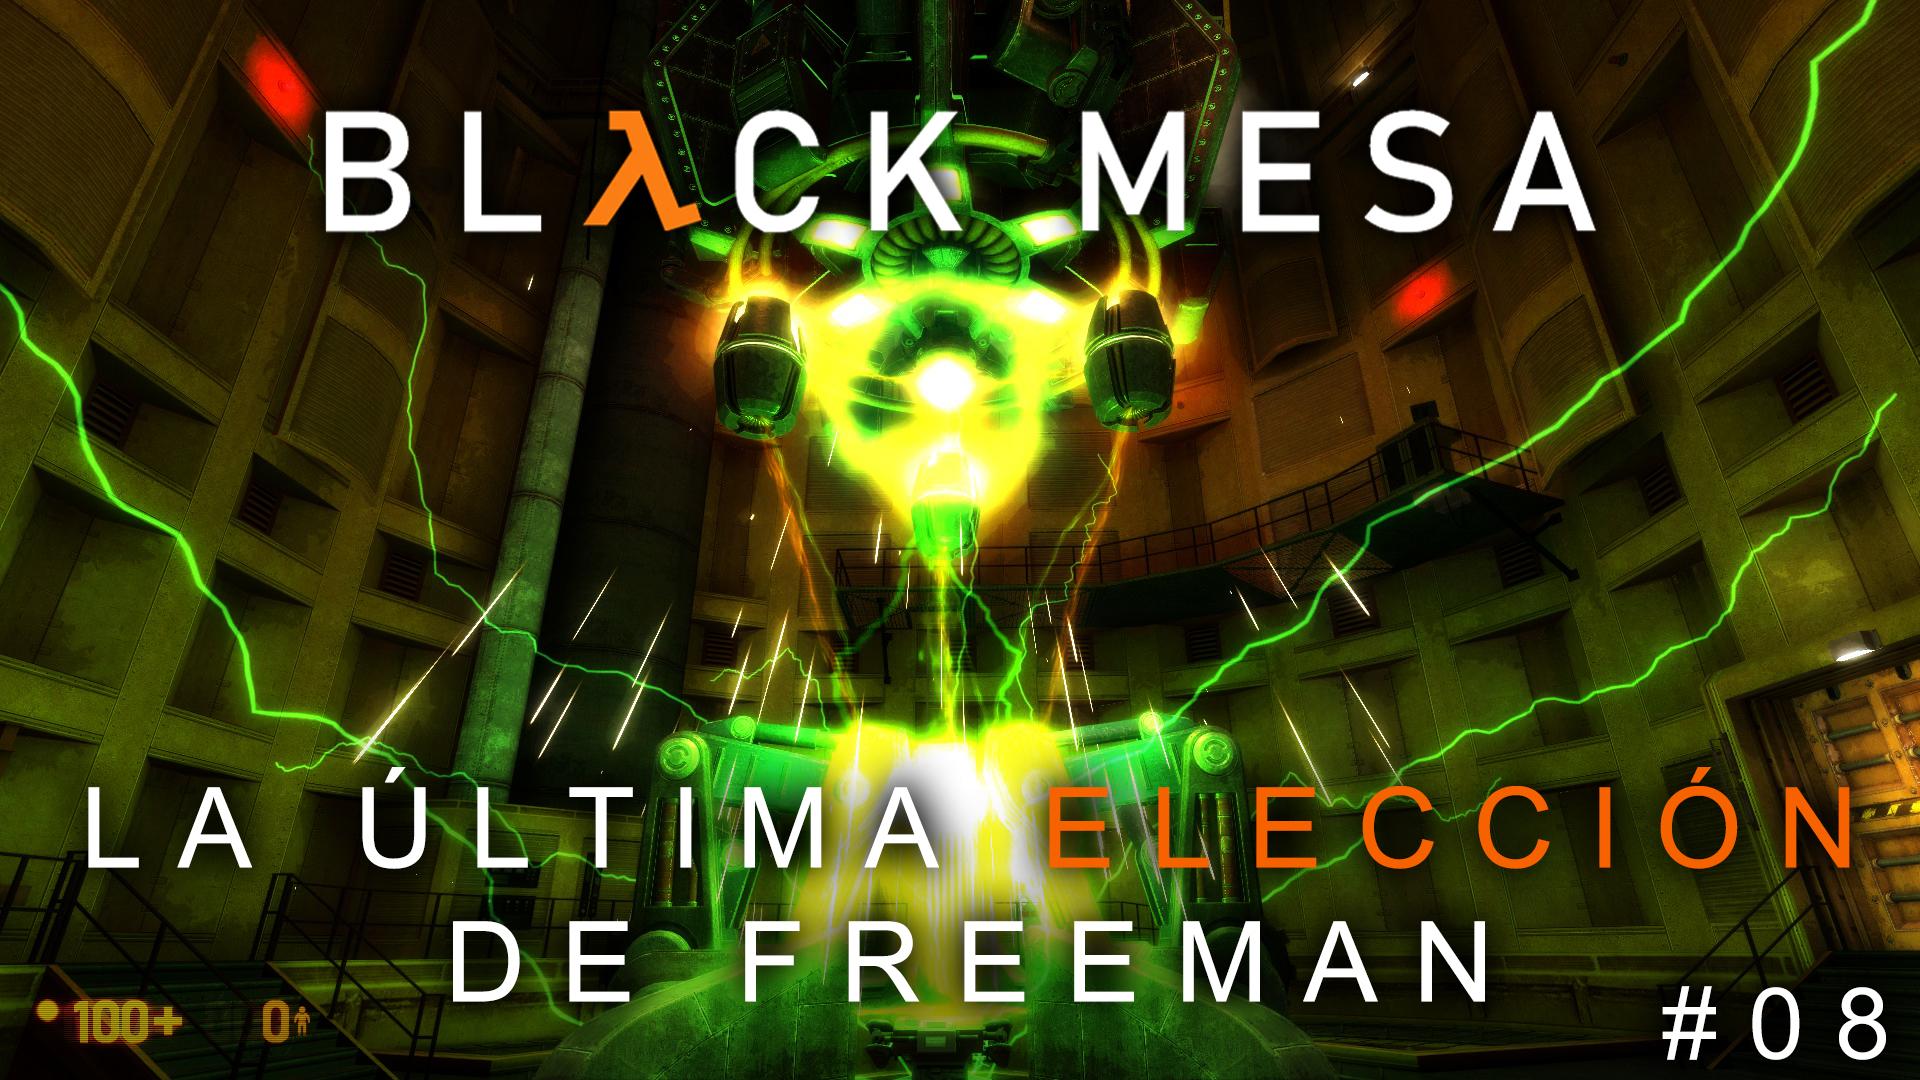 Serie Black Mesa #08 – La última elección de Freeman | 3GB Casual